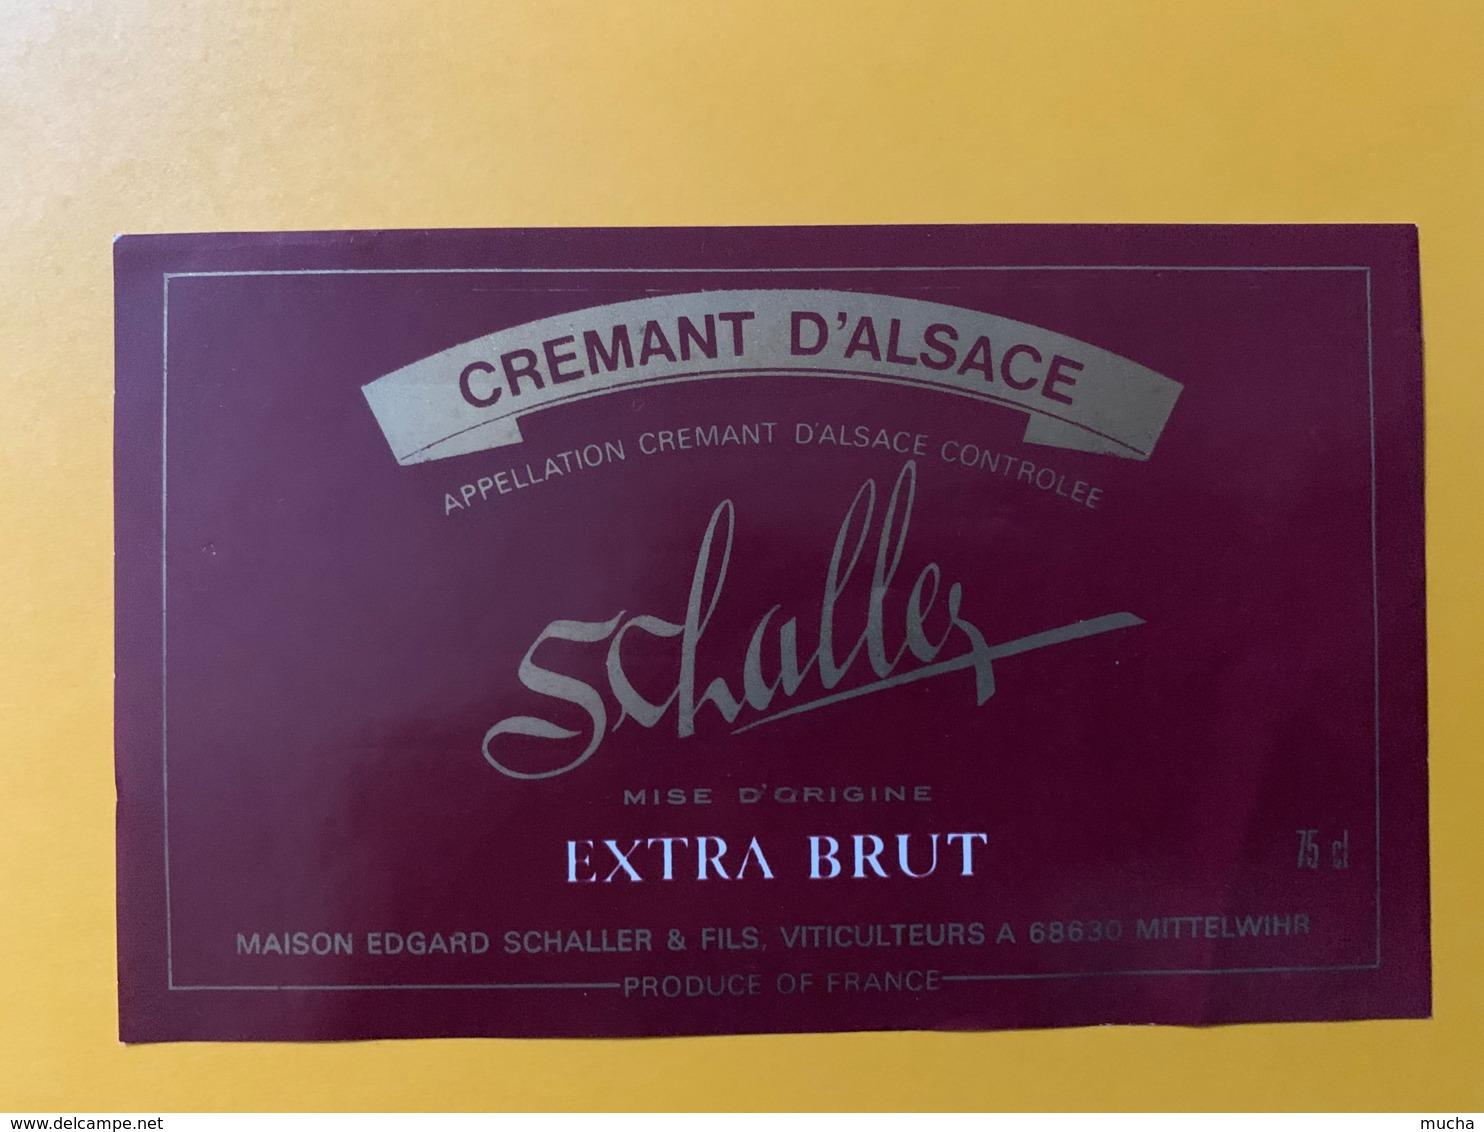 9264 - Crémant D'Alsace  Schaller - Etiquettes